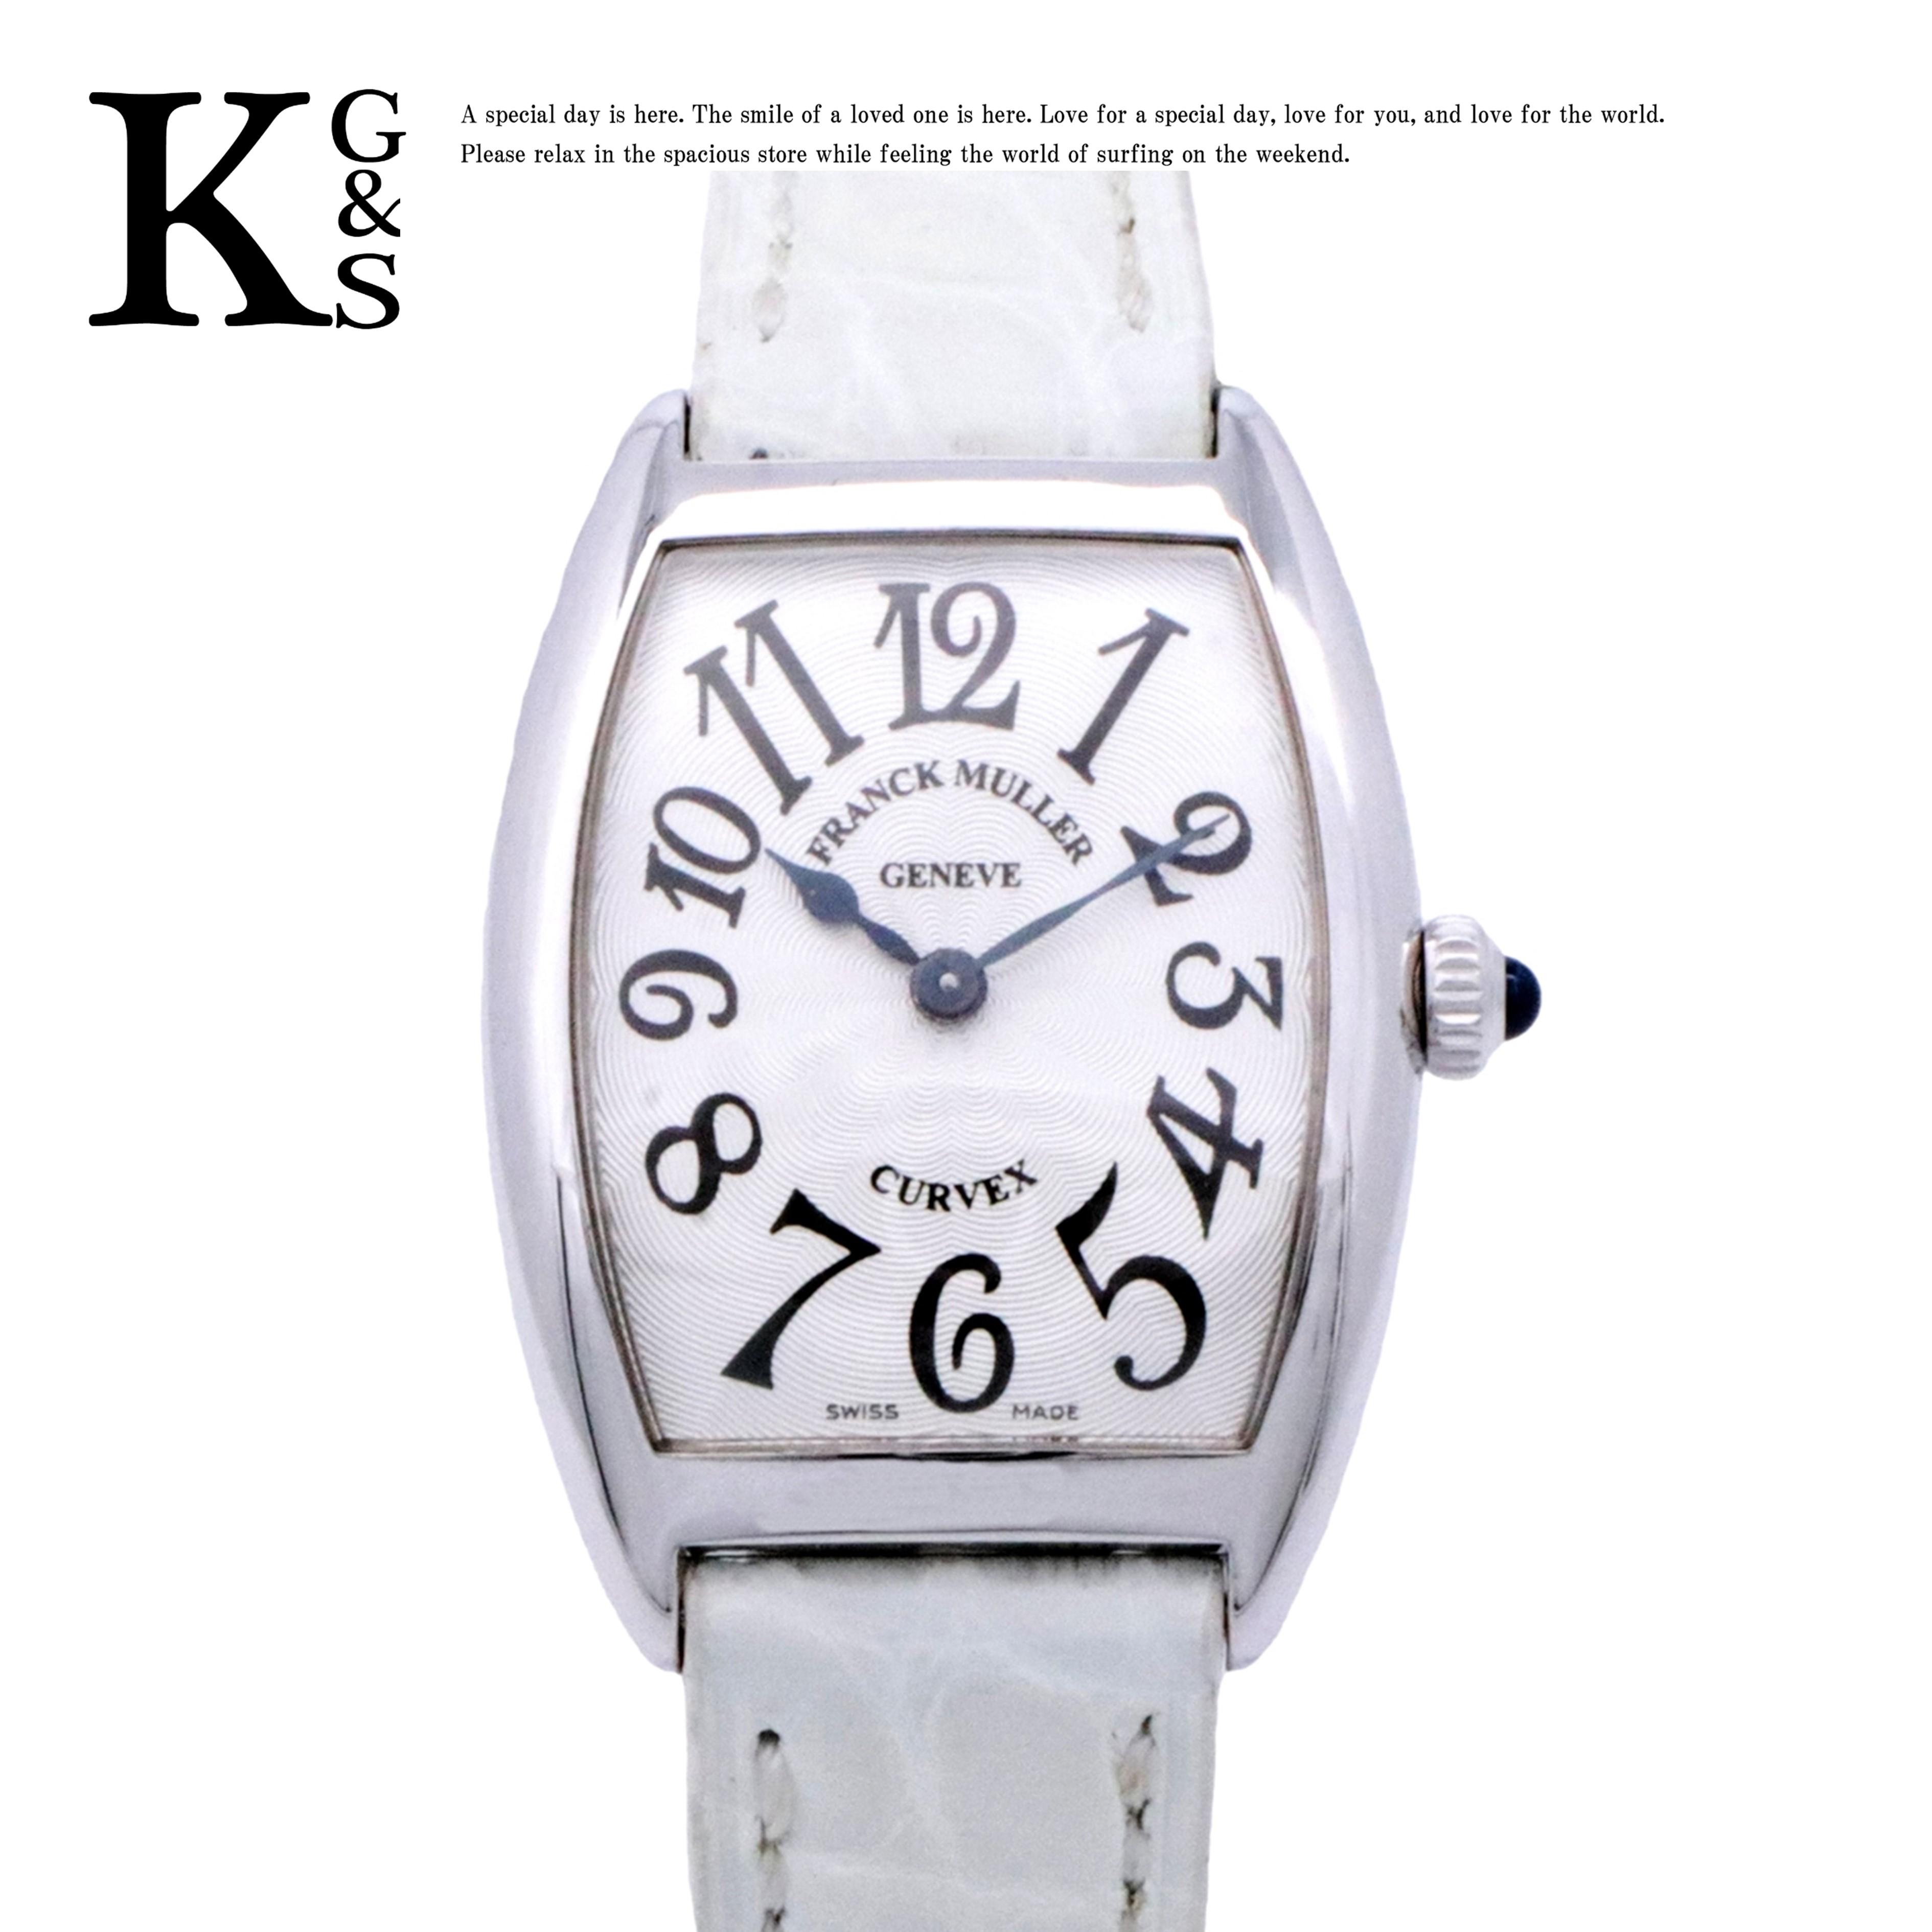 【ギフト品質】フランクミュラー/FRANCK MULLER レディース 腕時計 トノーカーベックス ホワイトゴールド K18WG ×クロコダイル レザーベルト クオーツ 1752QZ